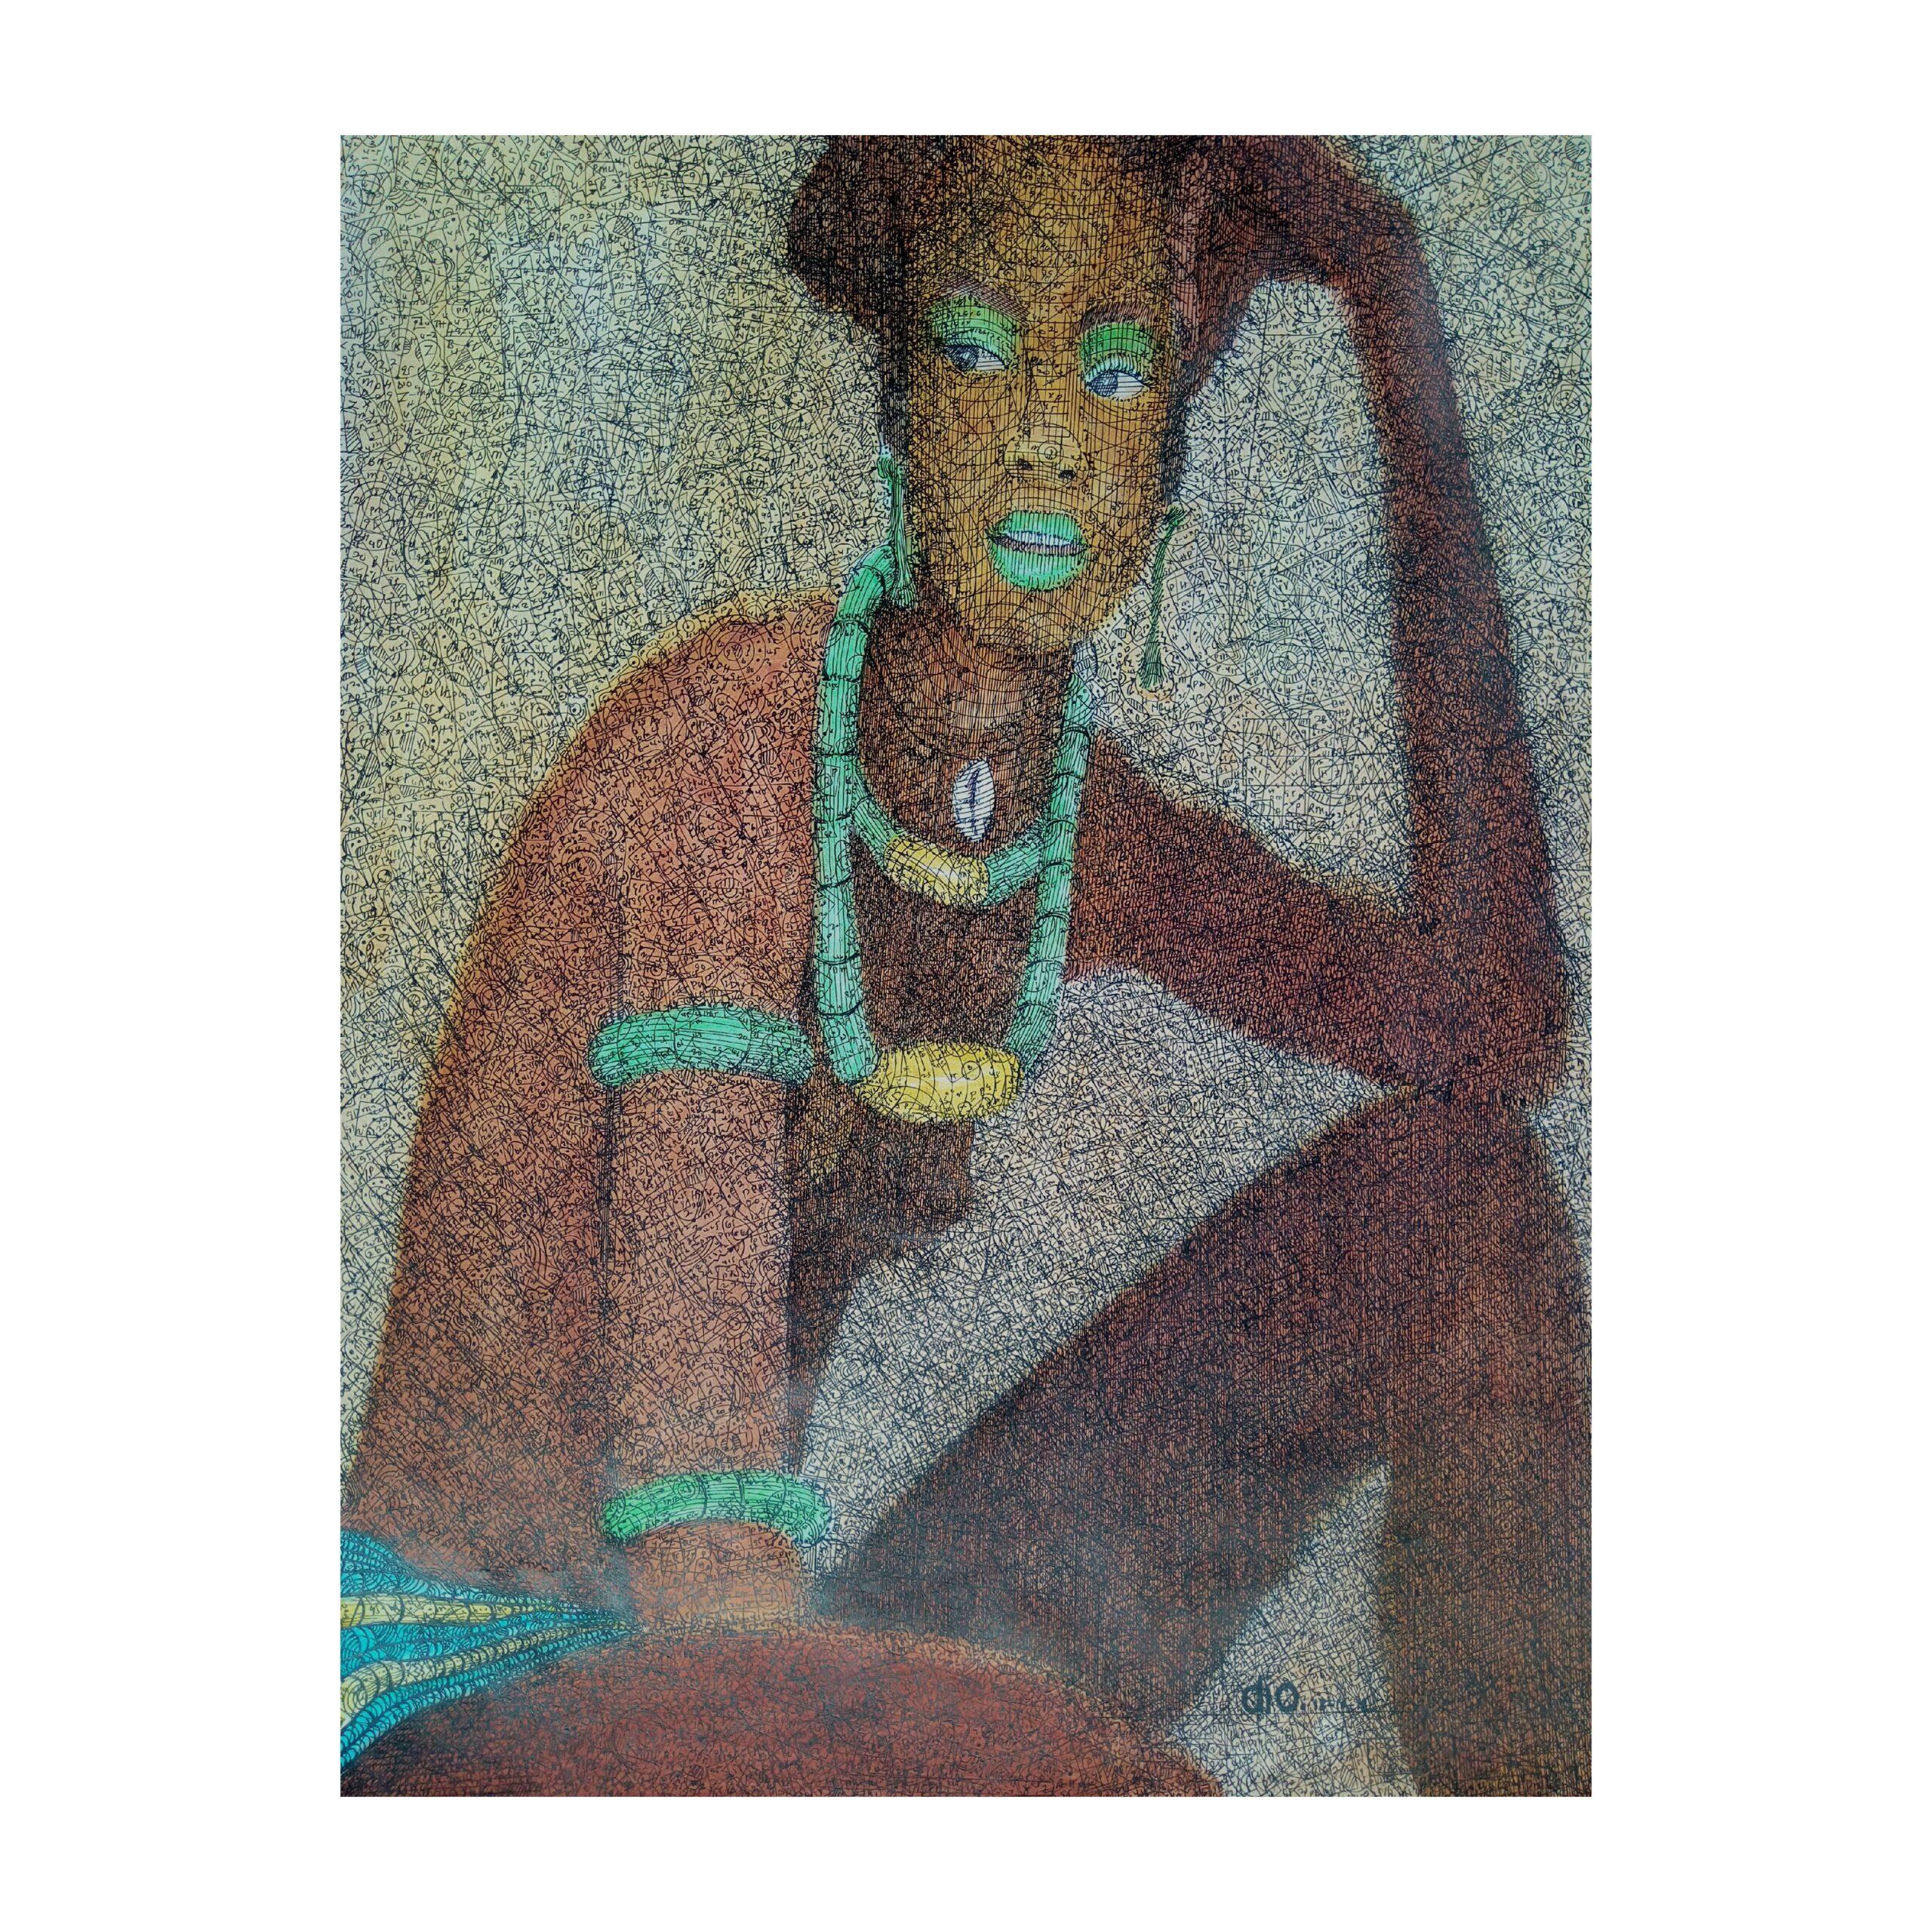 DropShadow_1614010805406_copy_3617x3617